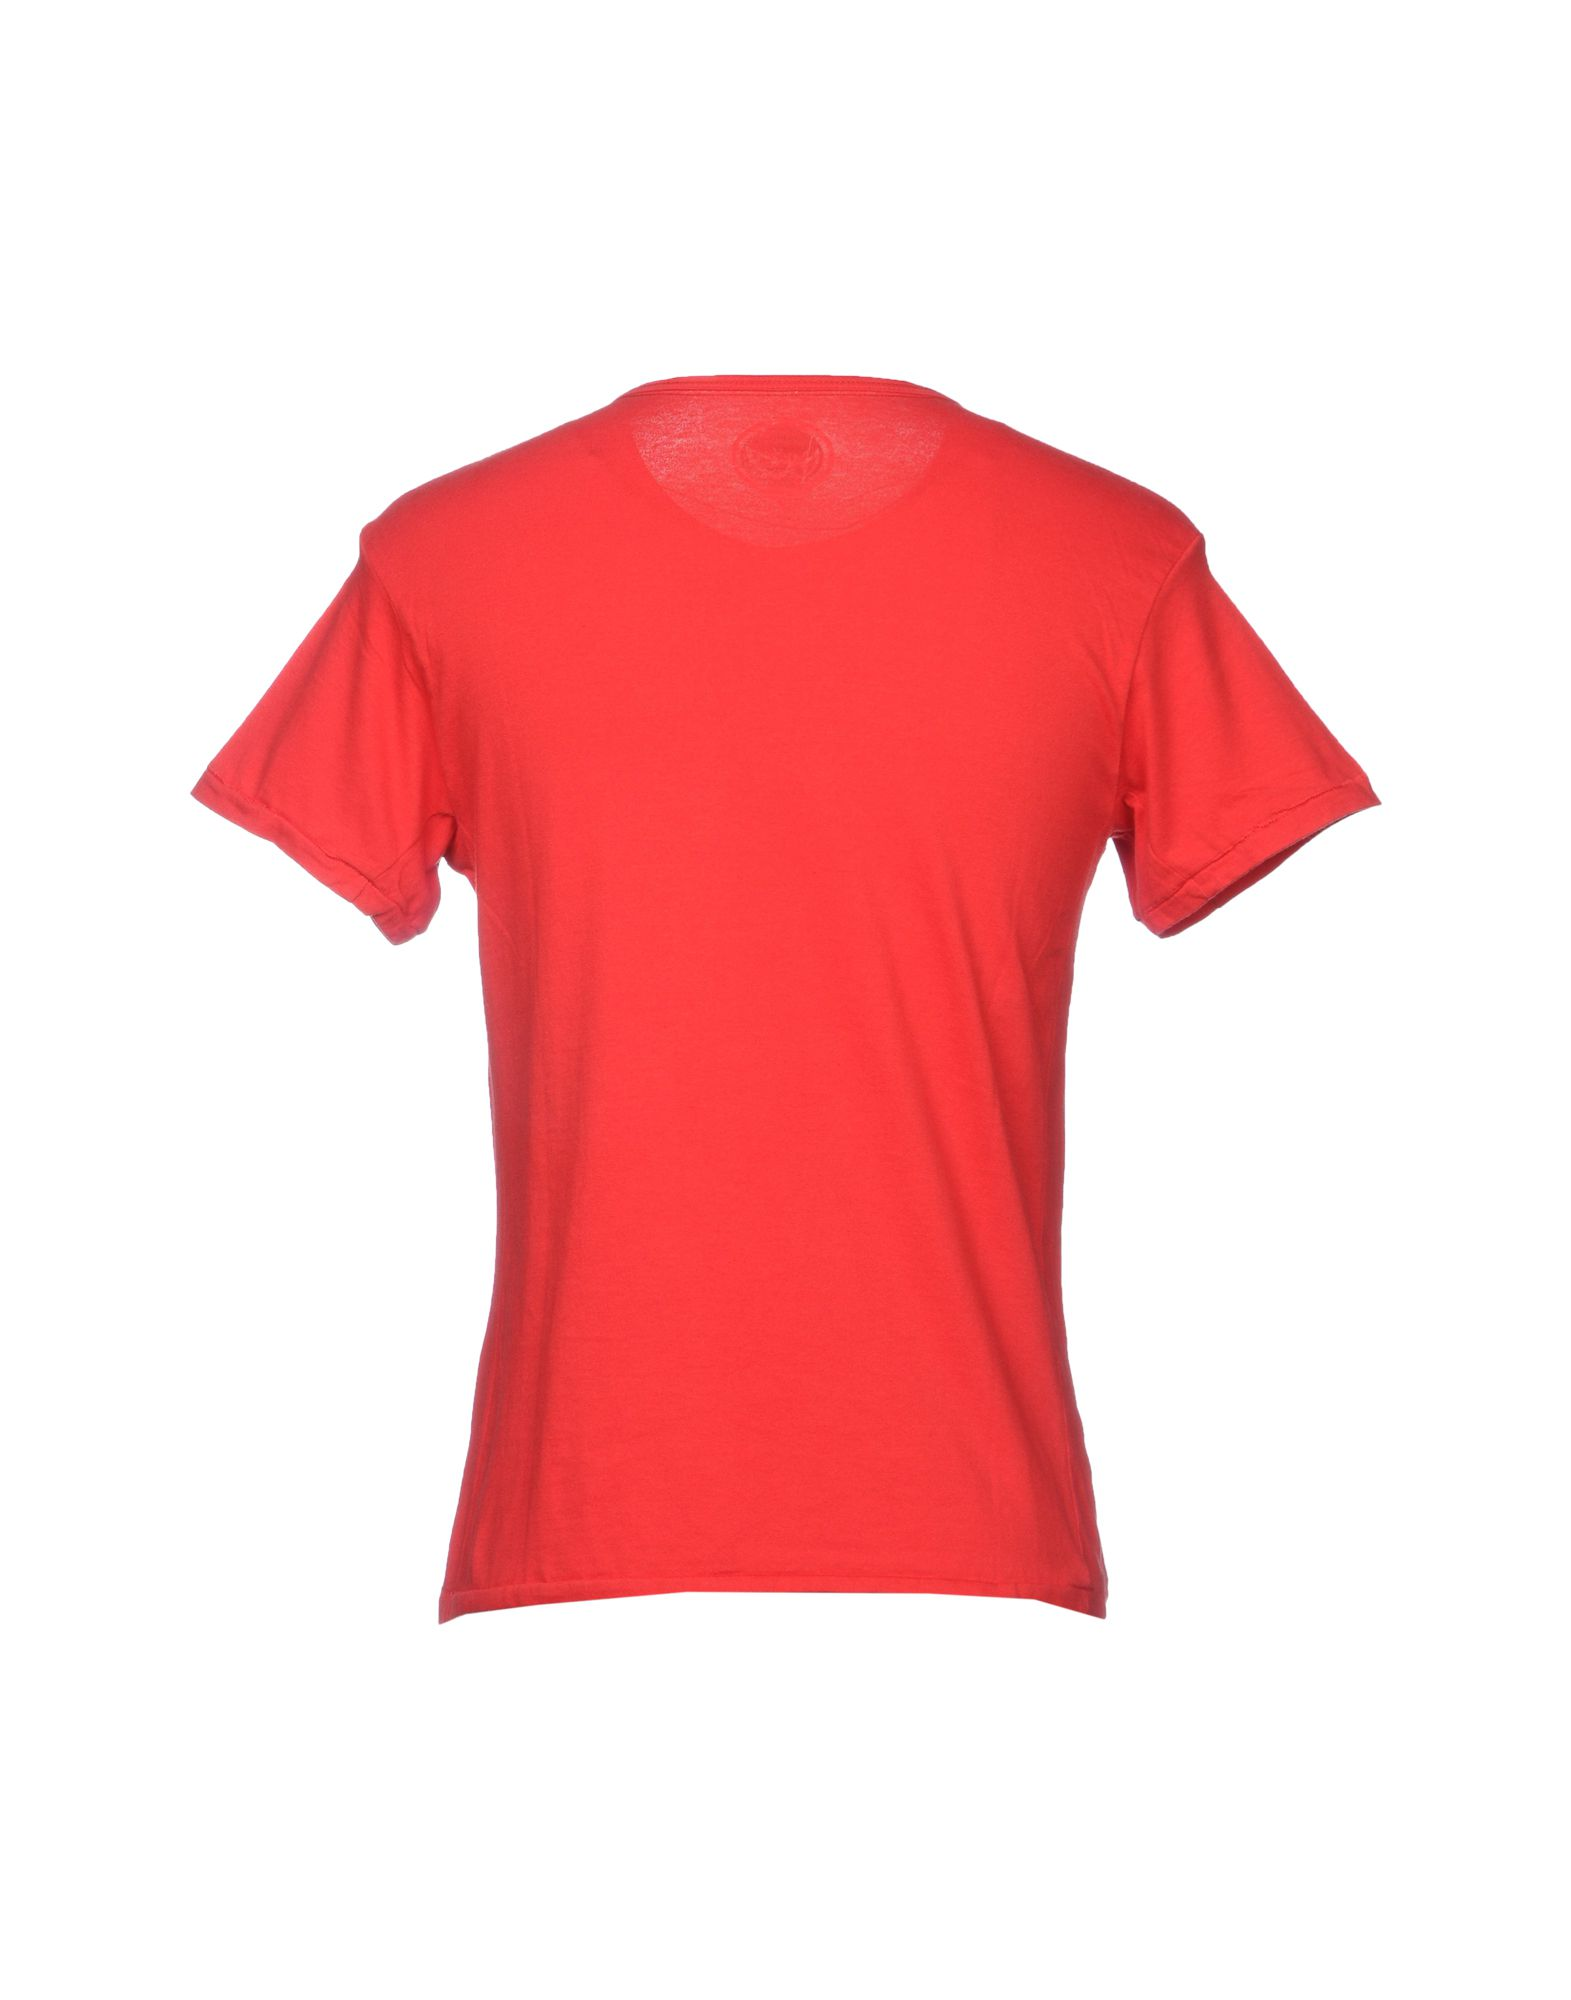 T-Shirt Berik Berik Berik Design Uomo - 12106565WF 0e05ff